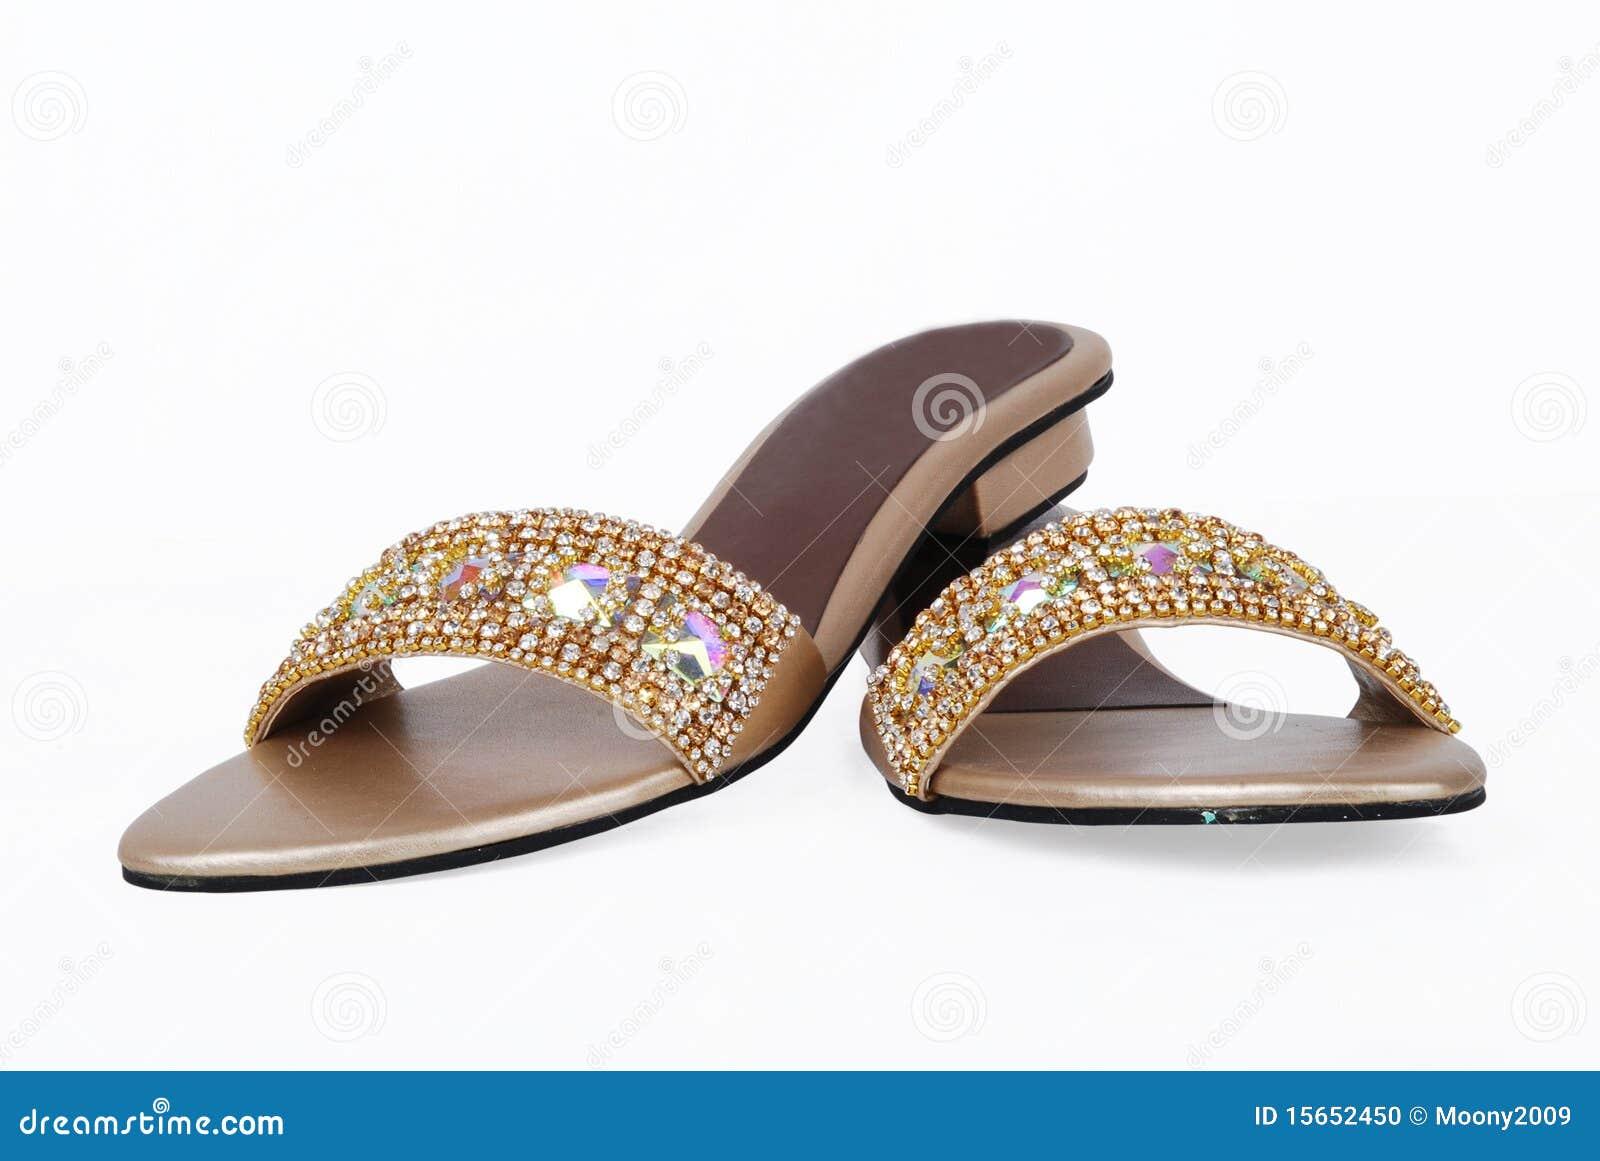 Female Sandals Design